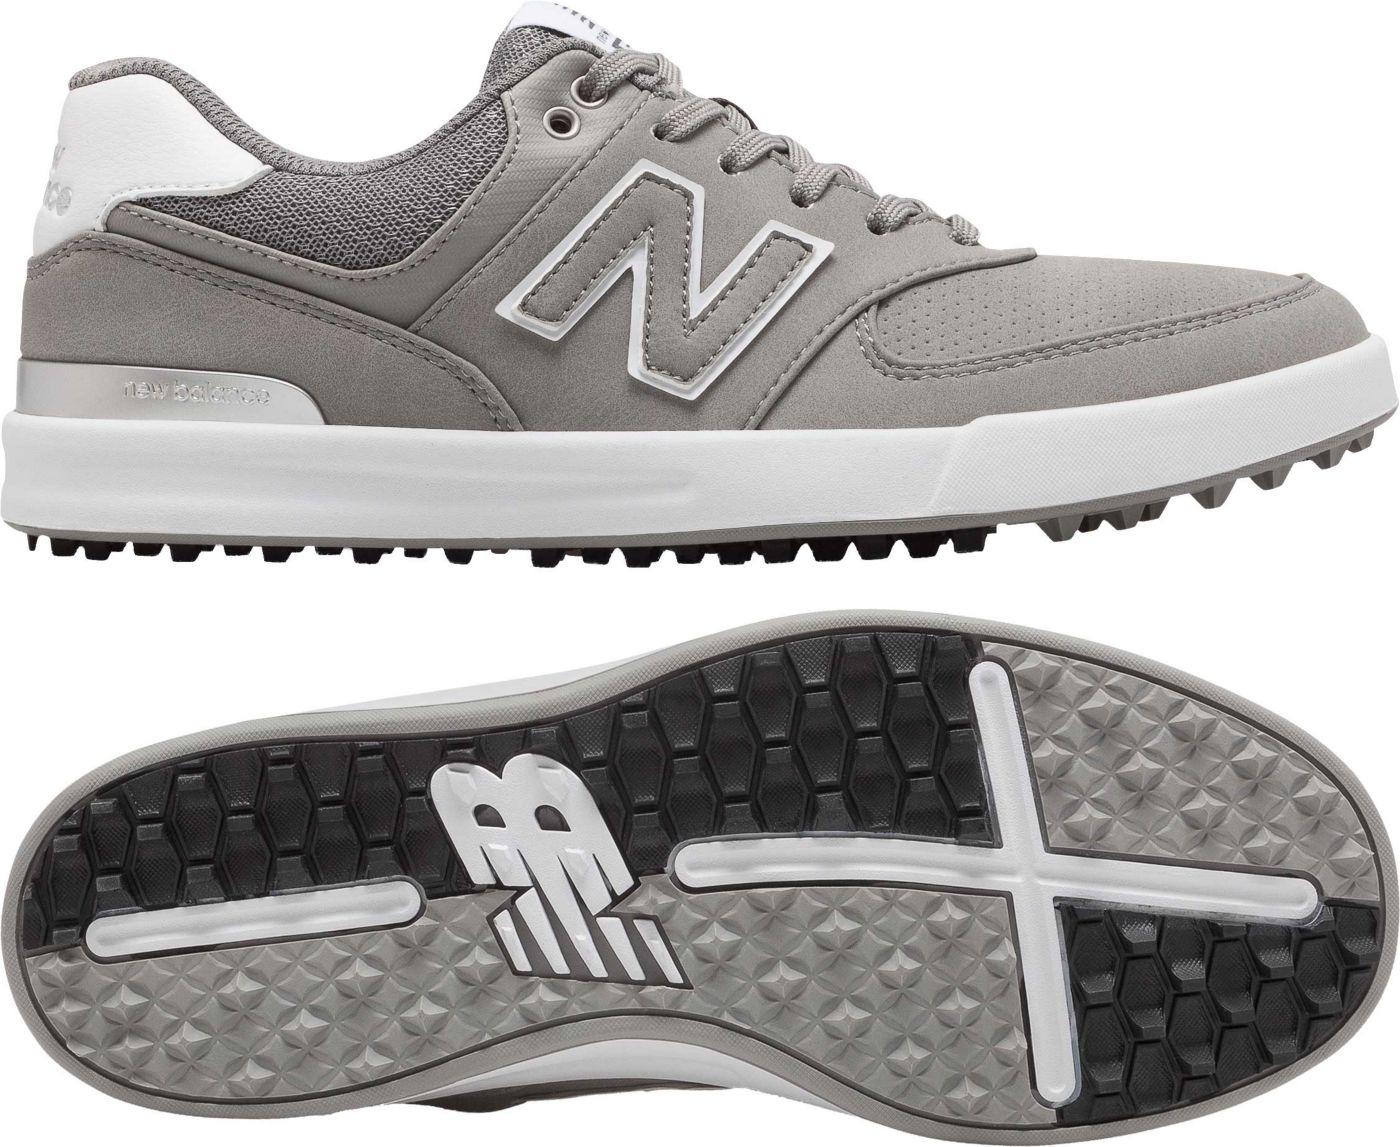 New Balance Women's 574 Greens Golf Shoes